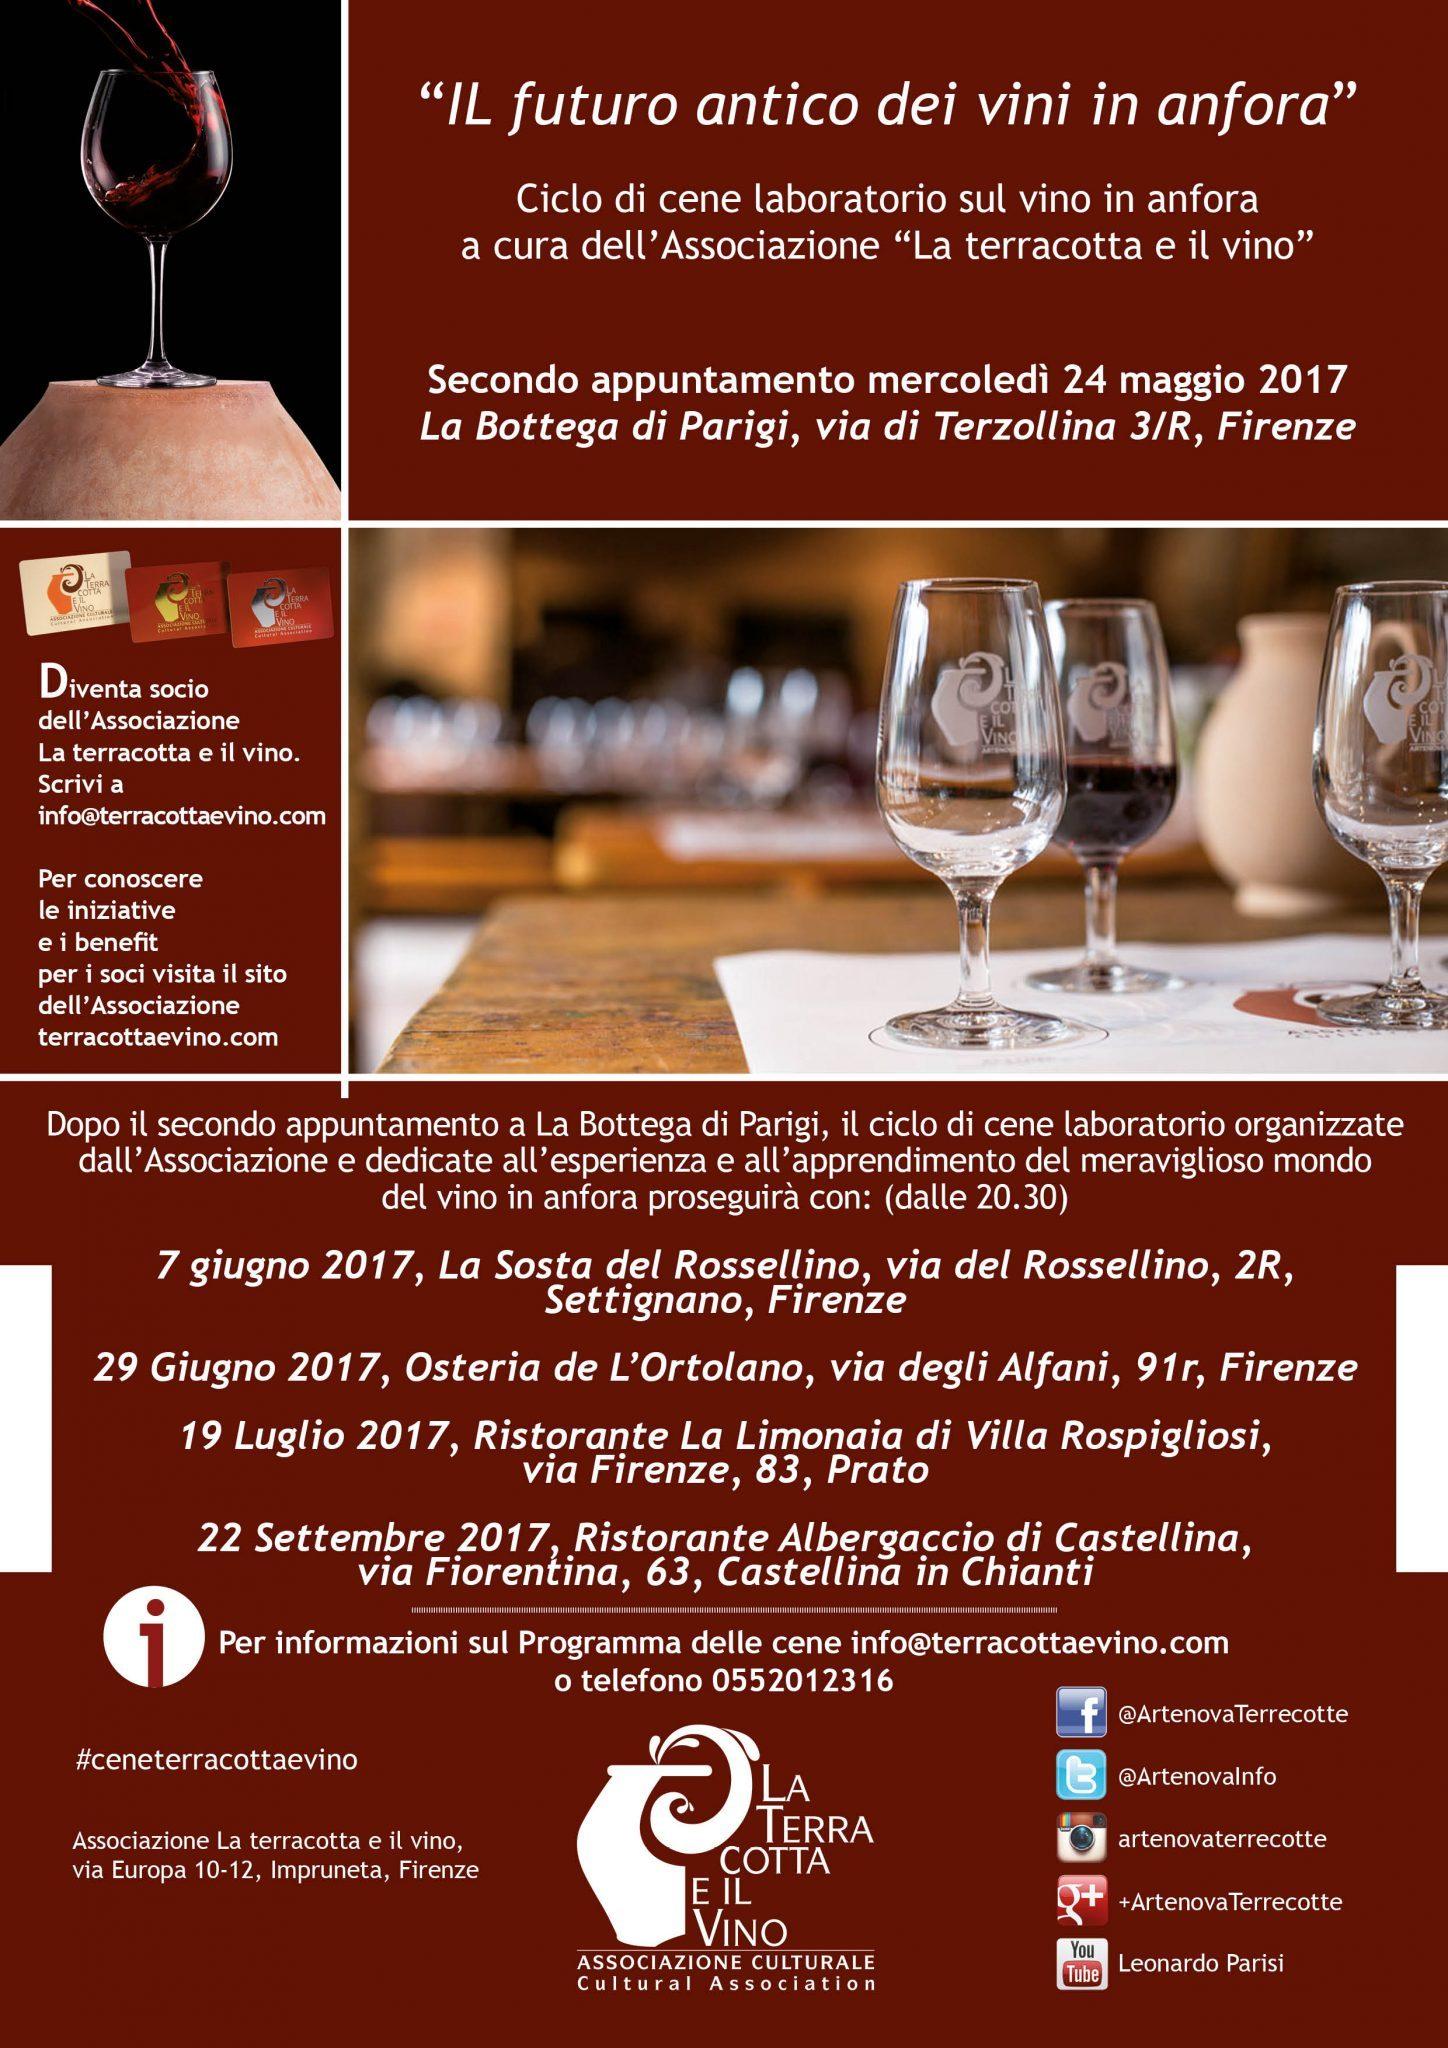 La Limonaia Villa Rospigliosi cene laboratorio su vini in anfora | la terracotta e il vino